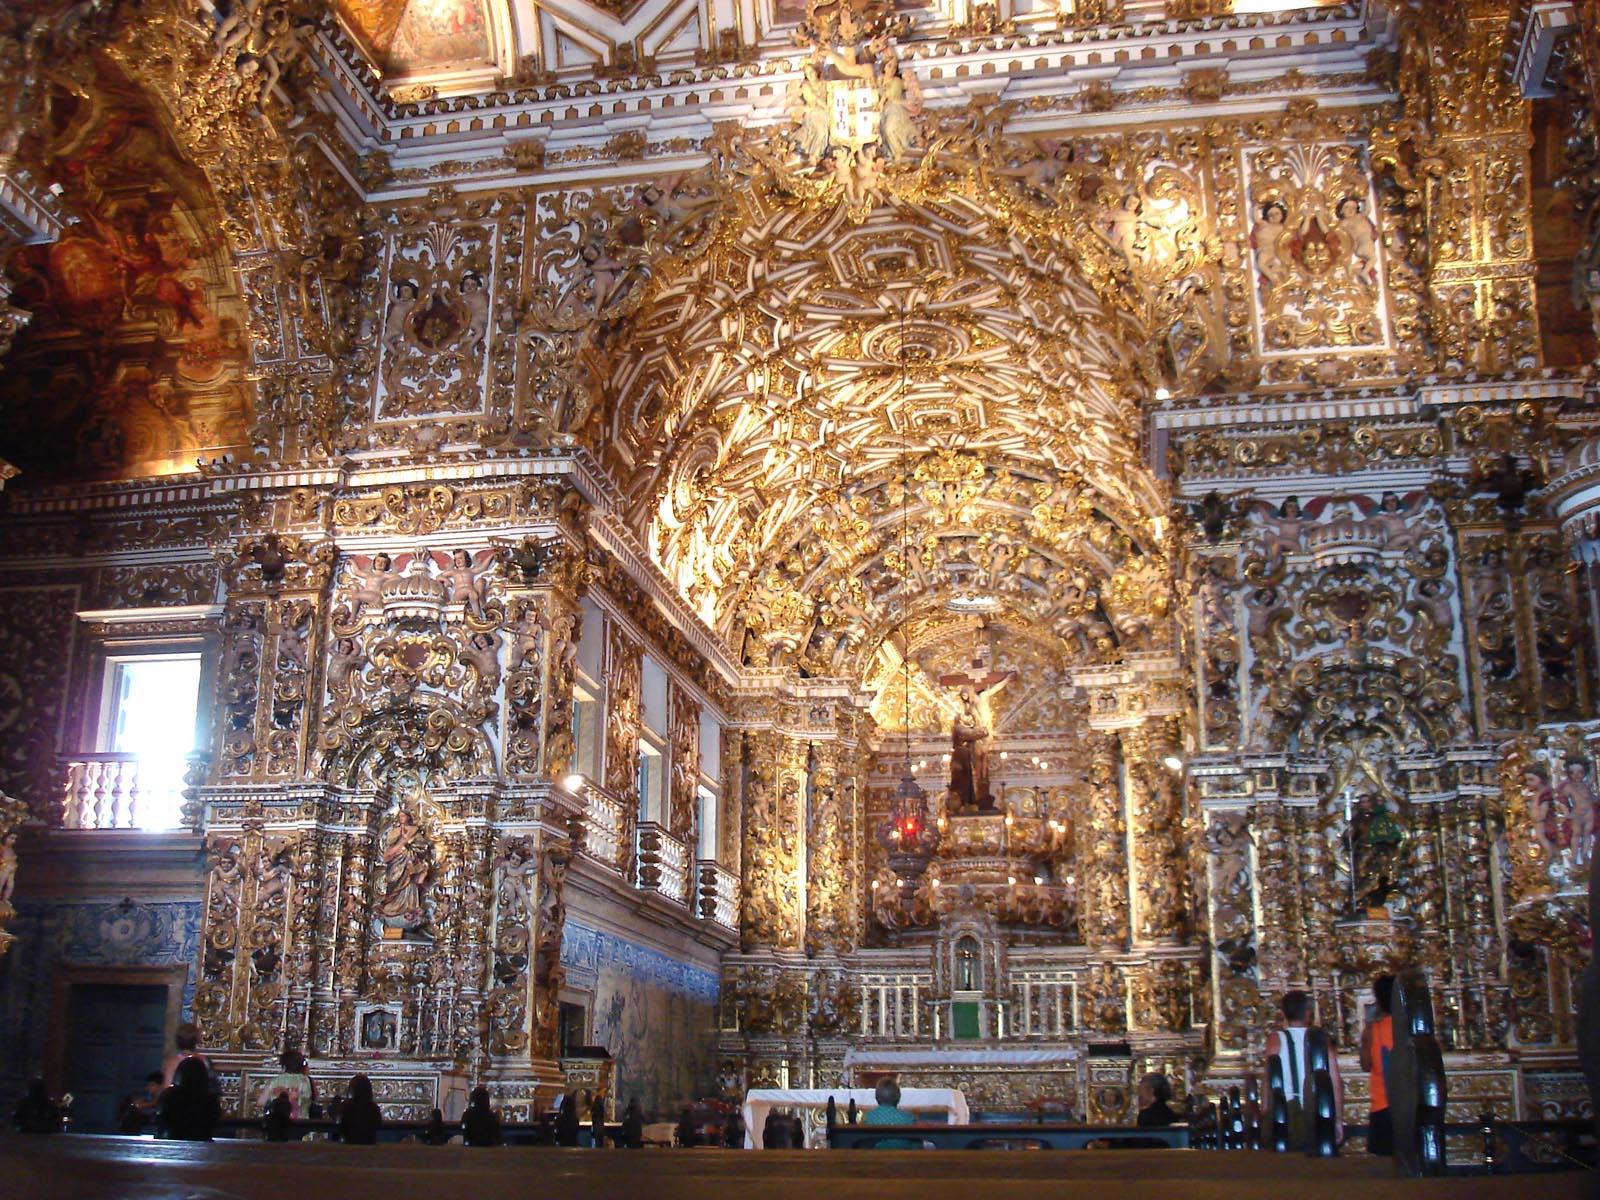 La Iglesia De La Compañía Una Joya Del Arte Barroco En: Literando: Arquitetura Barroca